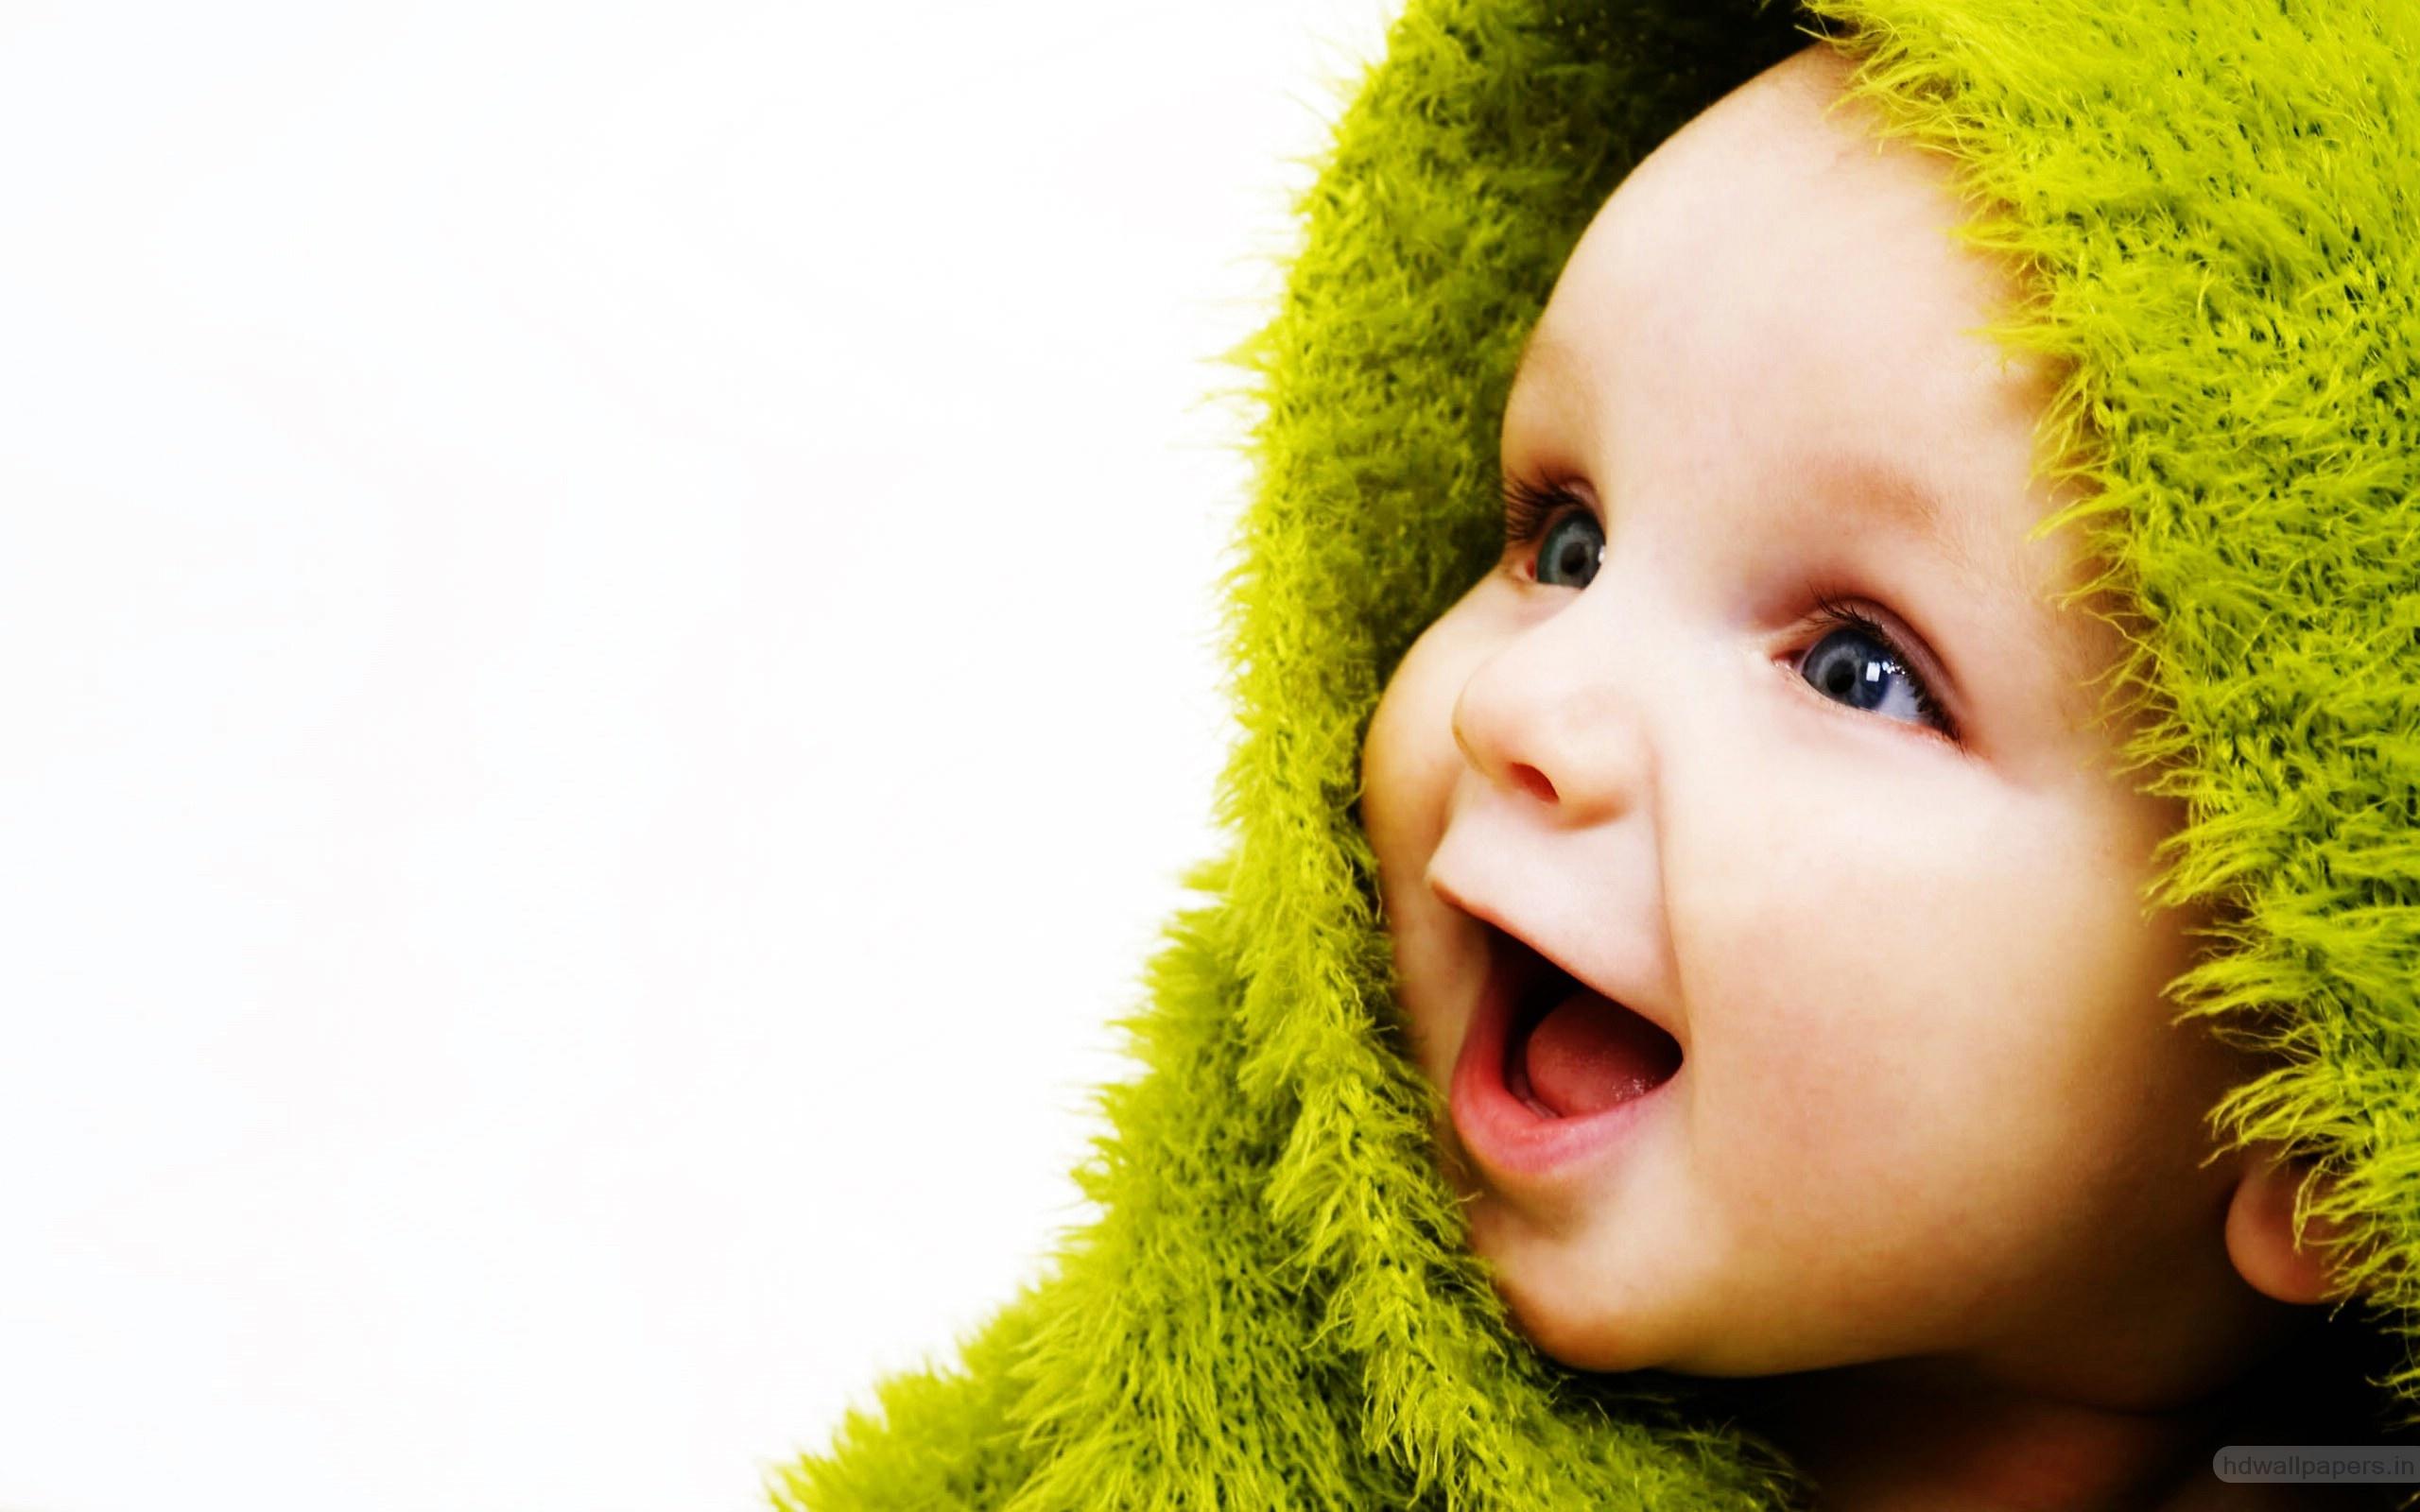 интересные картинки с изображением малышей